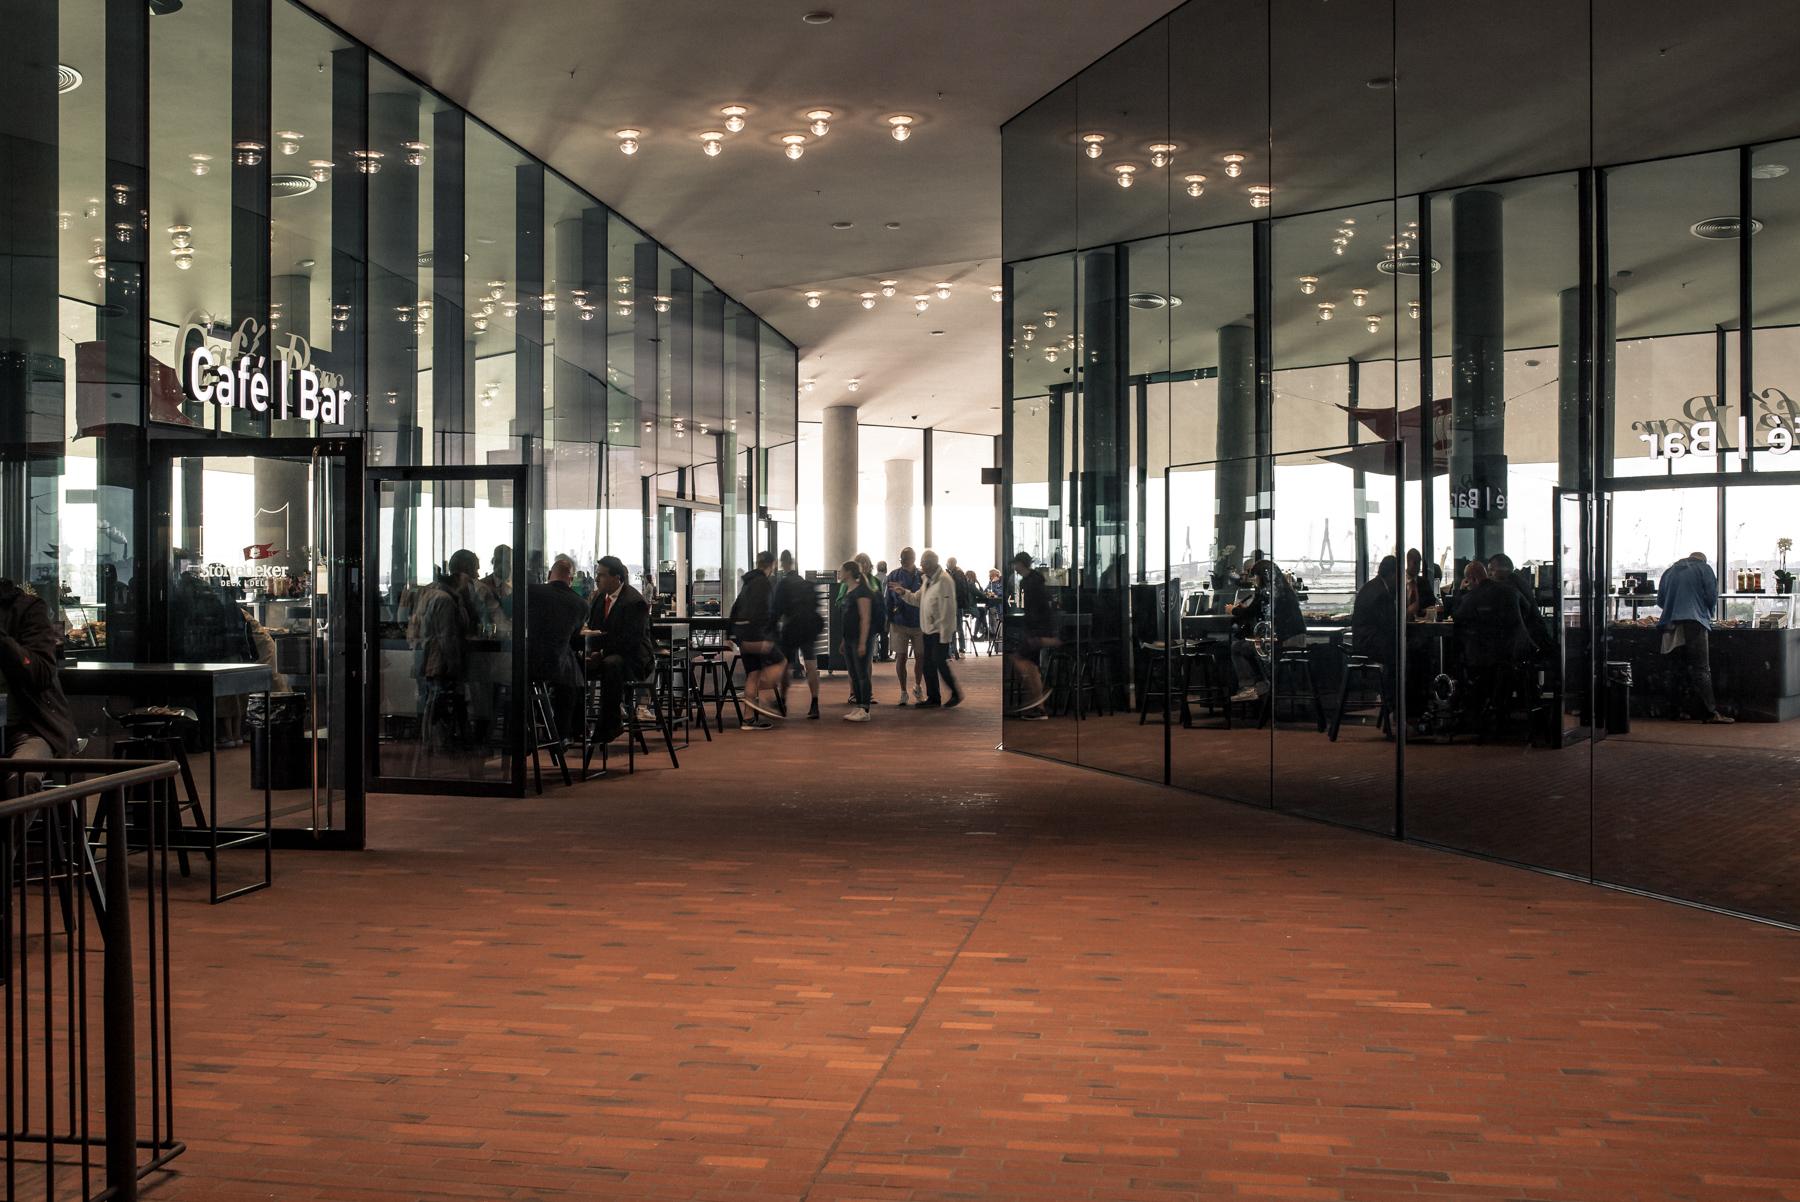 Galerie_Deli_Plaza